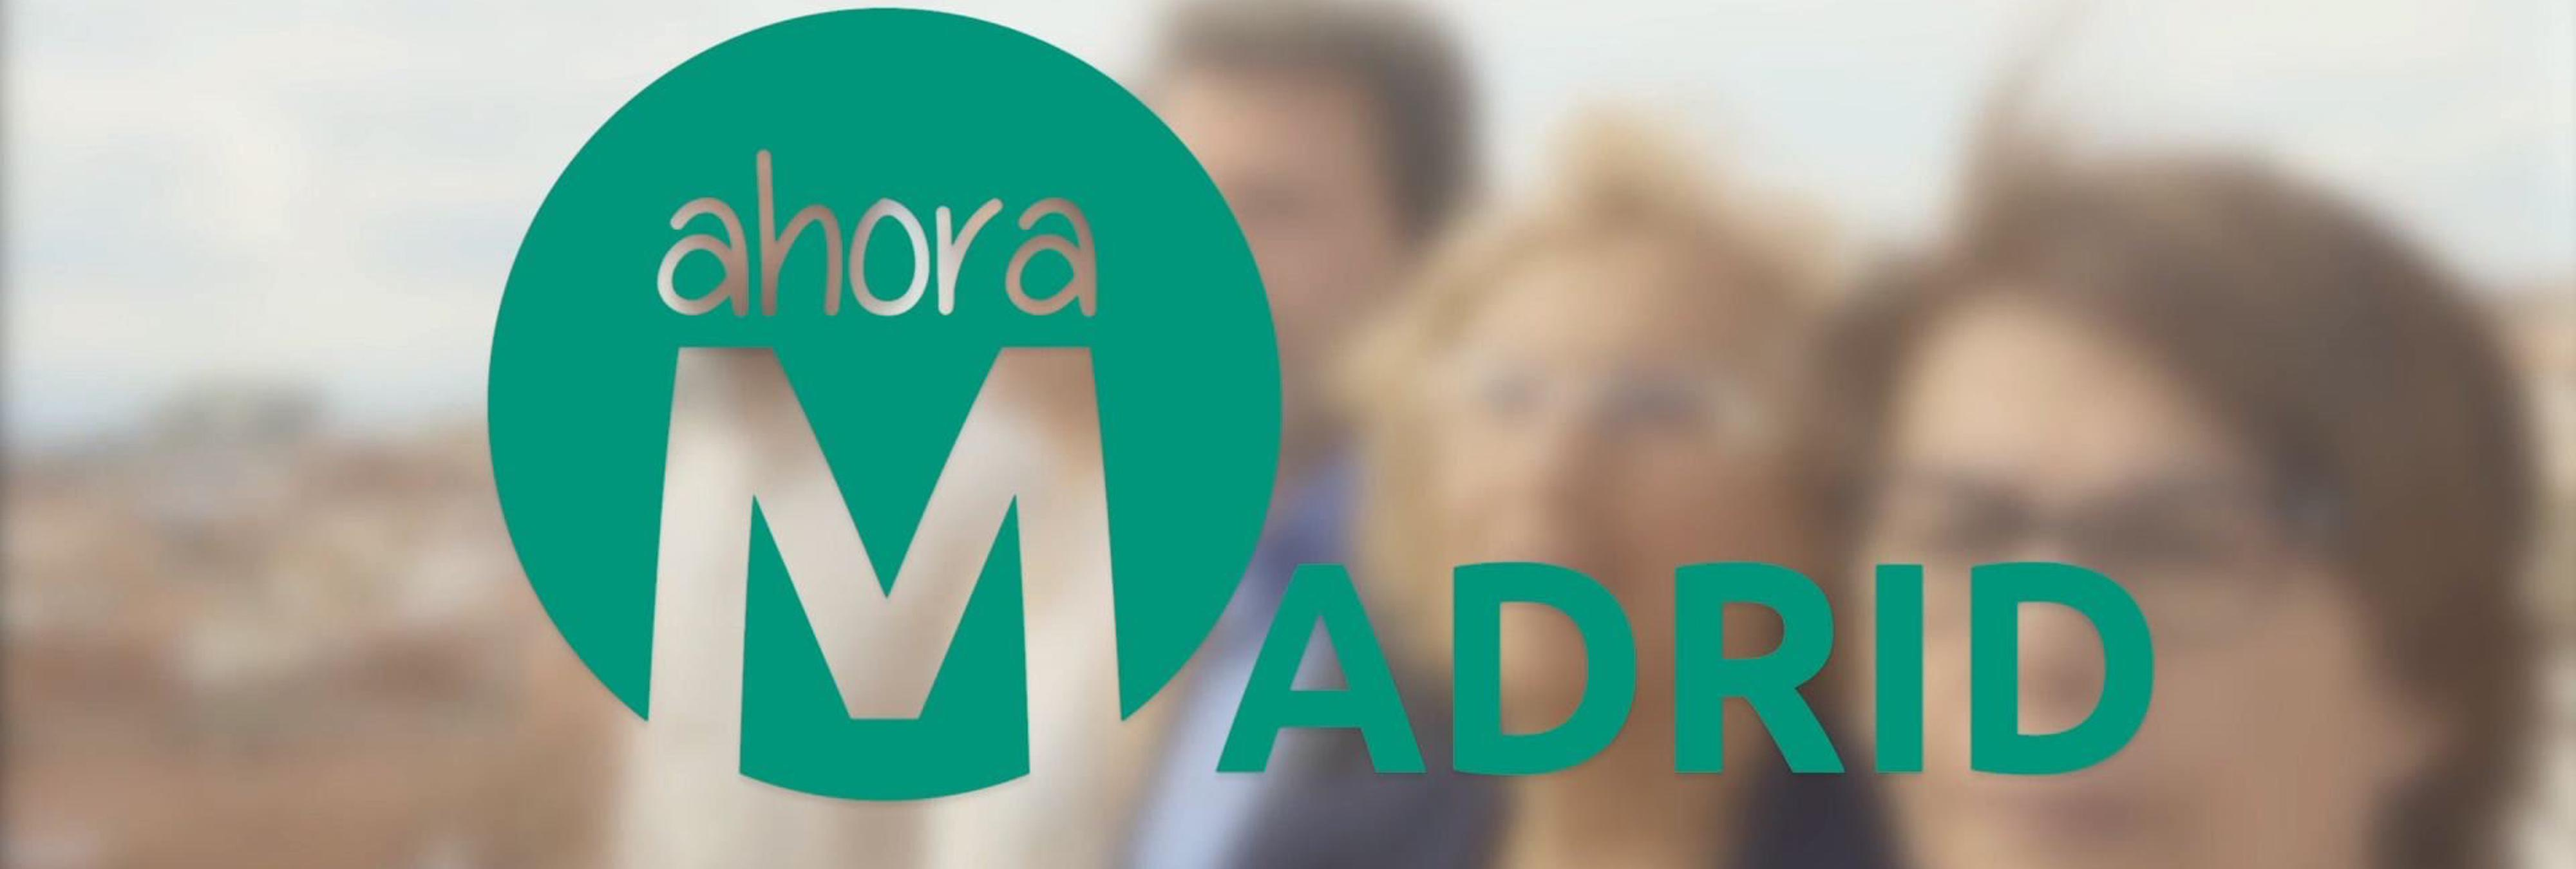 La confesión de Ahora Madrid: 'nos gusta el sexo anal'